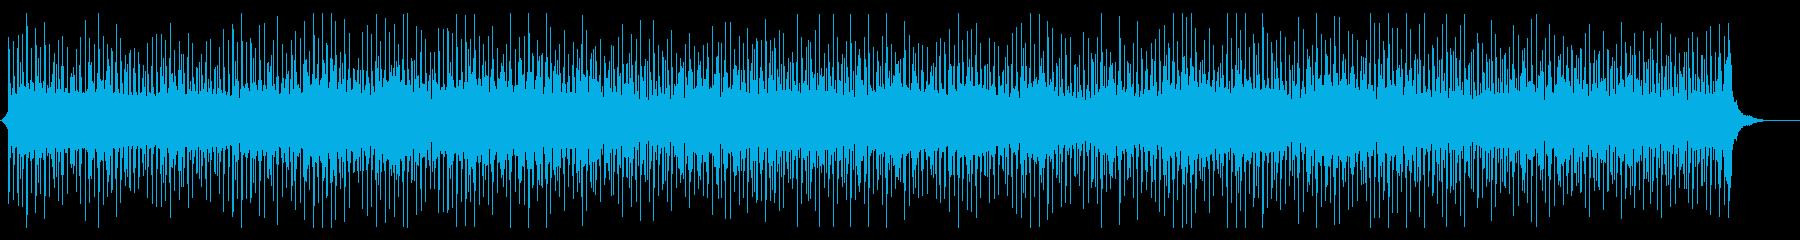 【ニュース】ニュース番組向け分析・解説Hの再生済みの波形